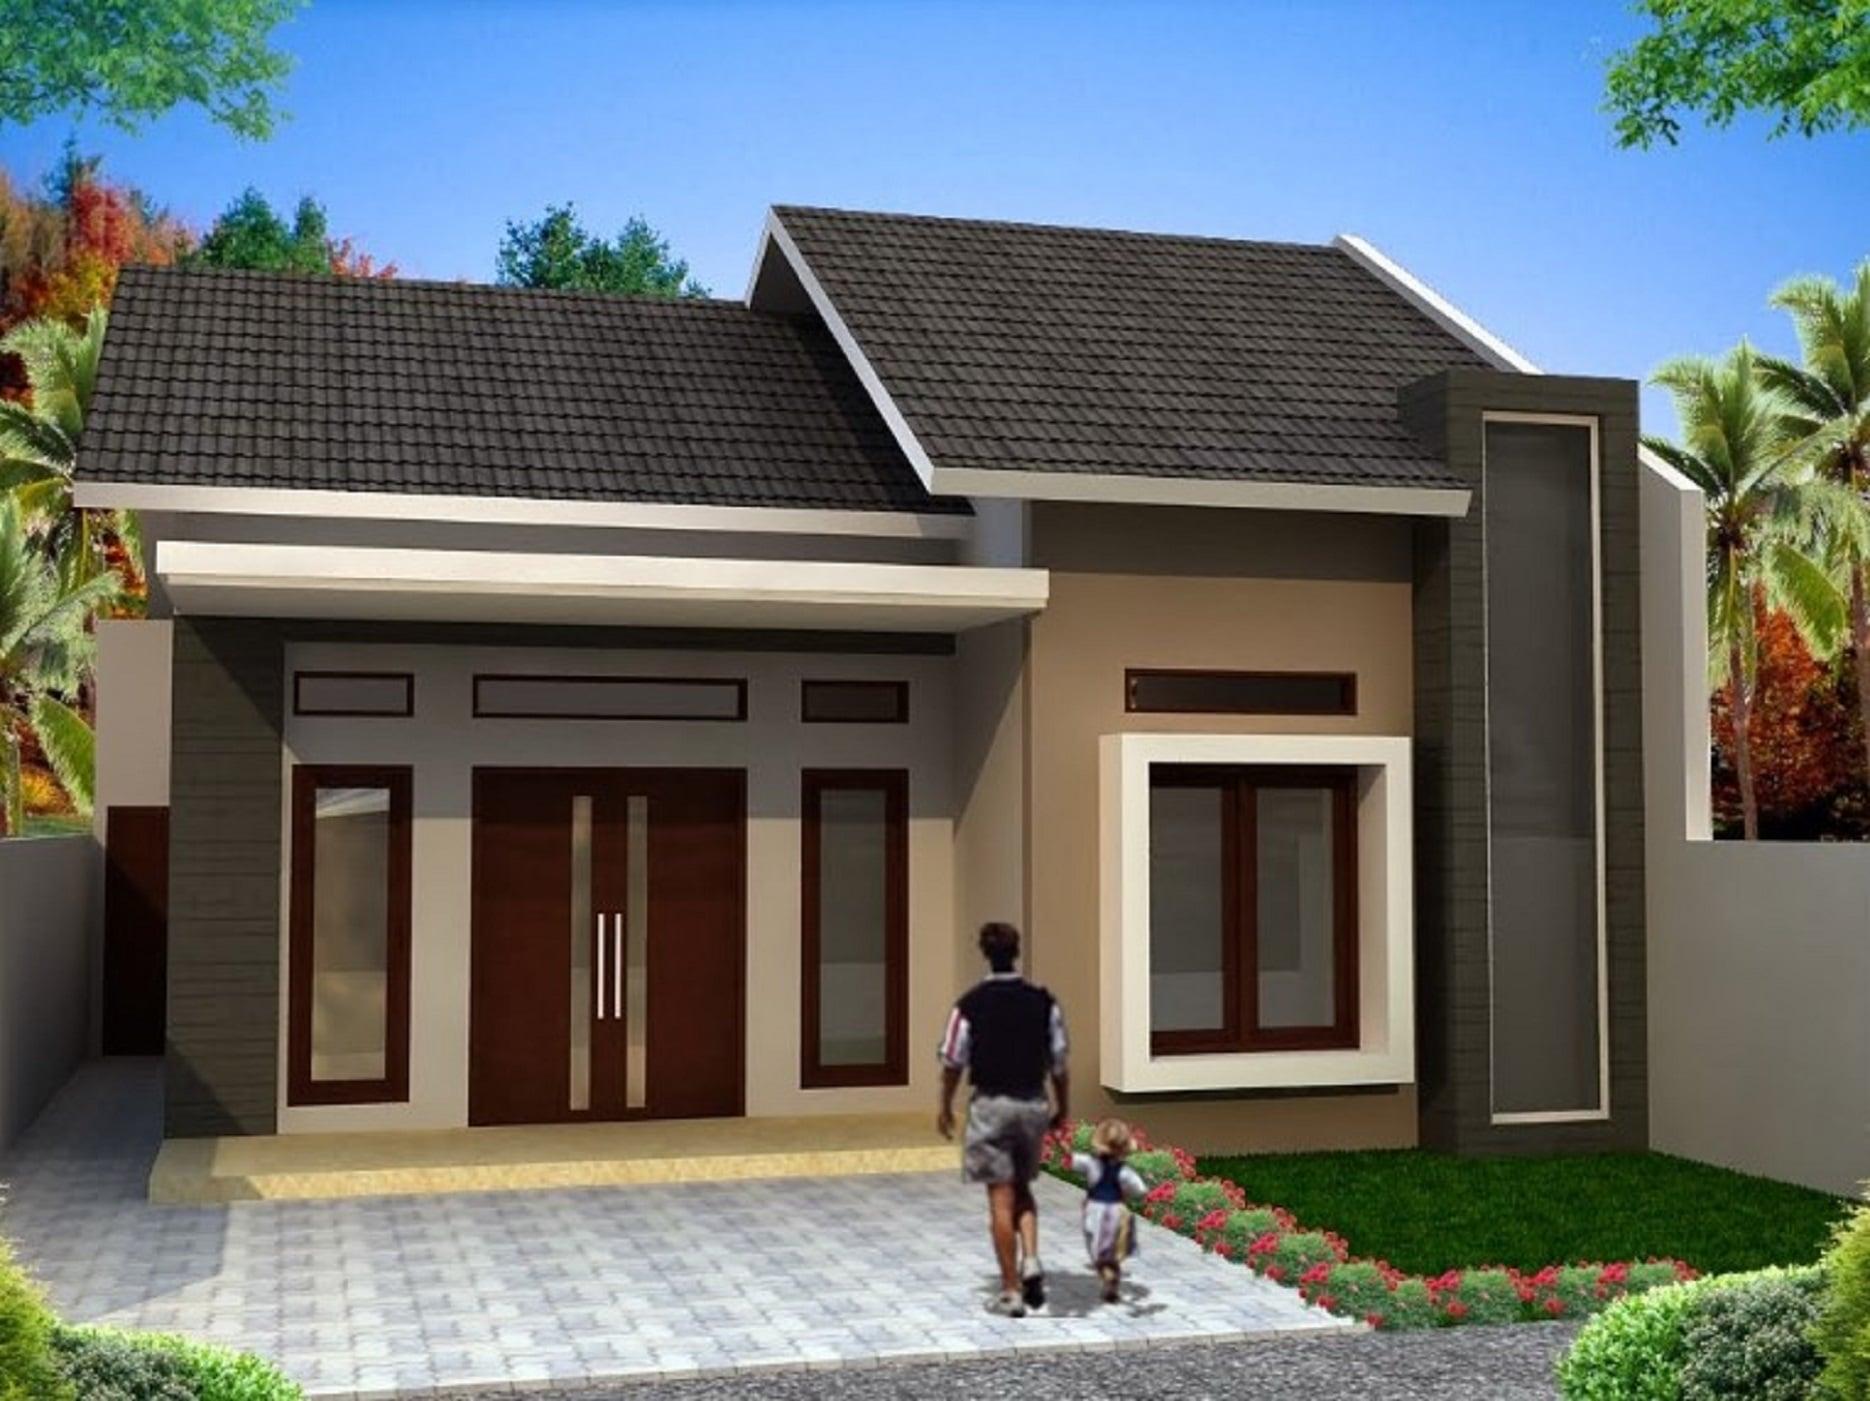 67 Gambar Desain Model Rumah Sederhana Modern 1 Lantai Paling Terkenal